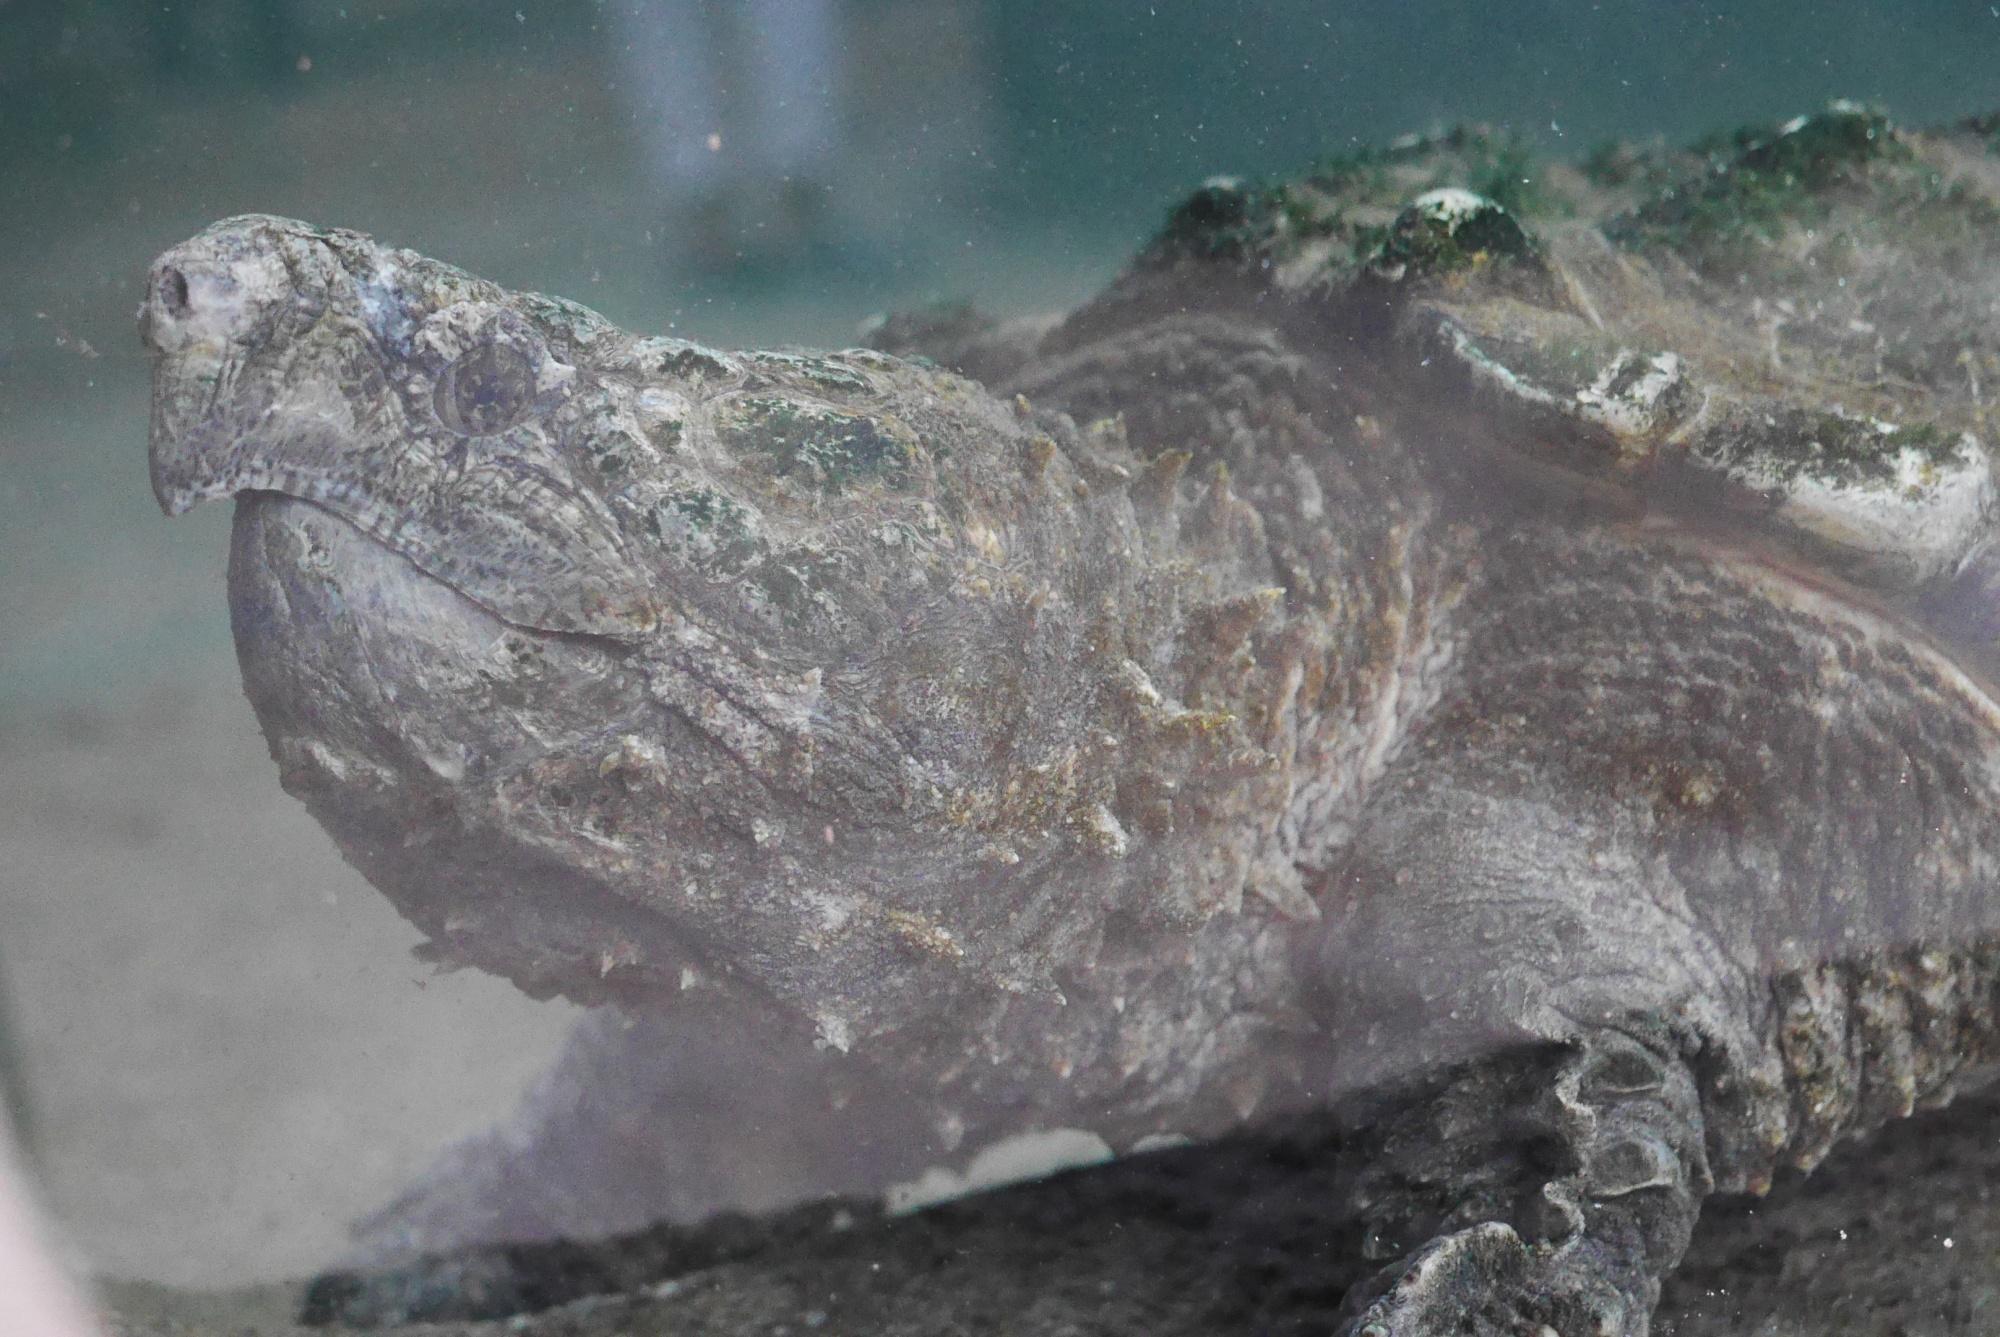 ワニガメ(Alligator snapping turtle)